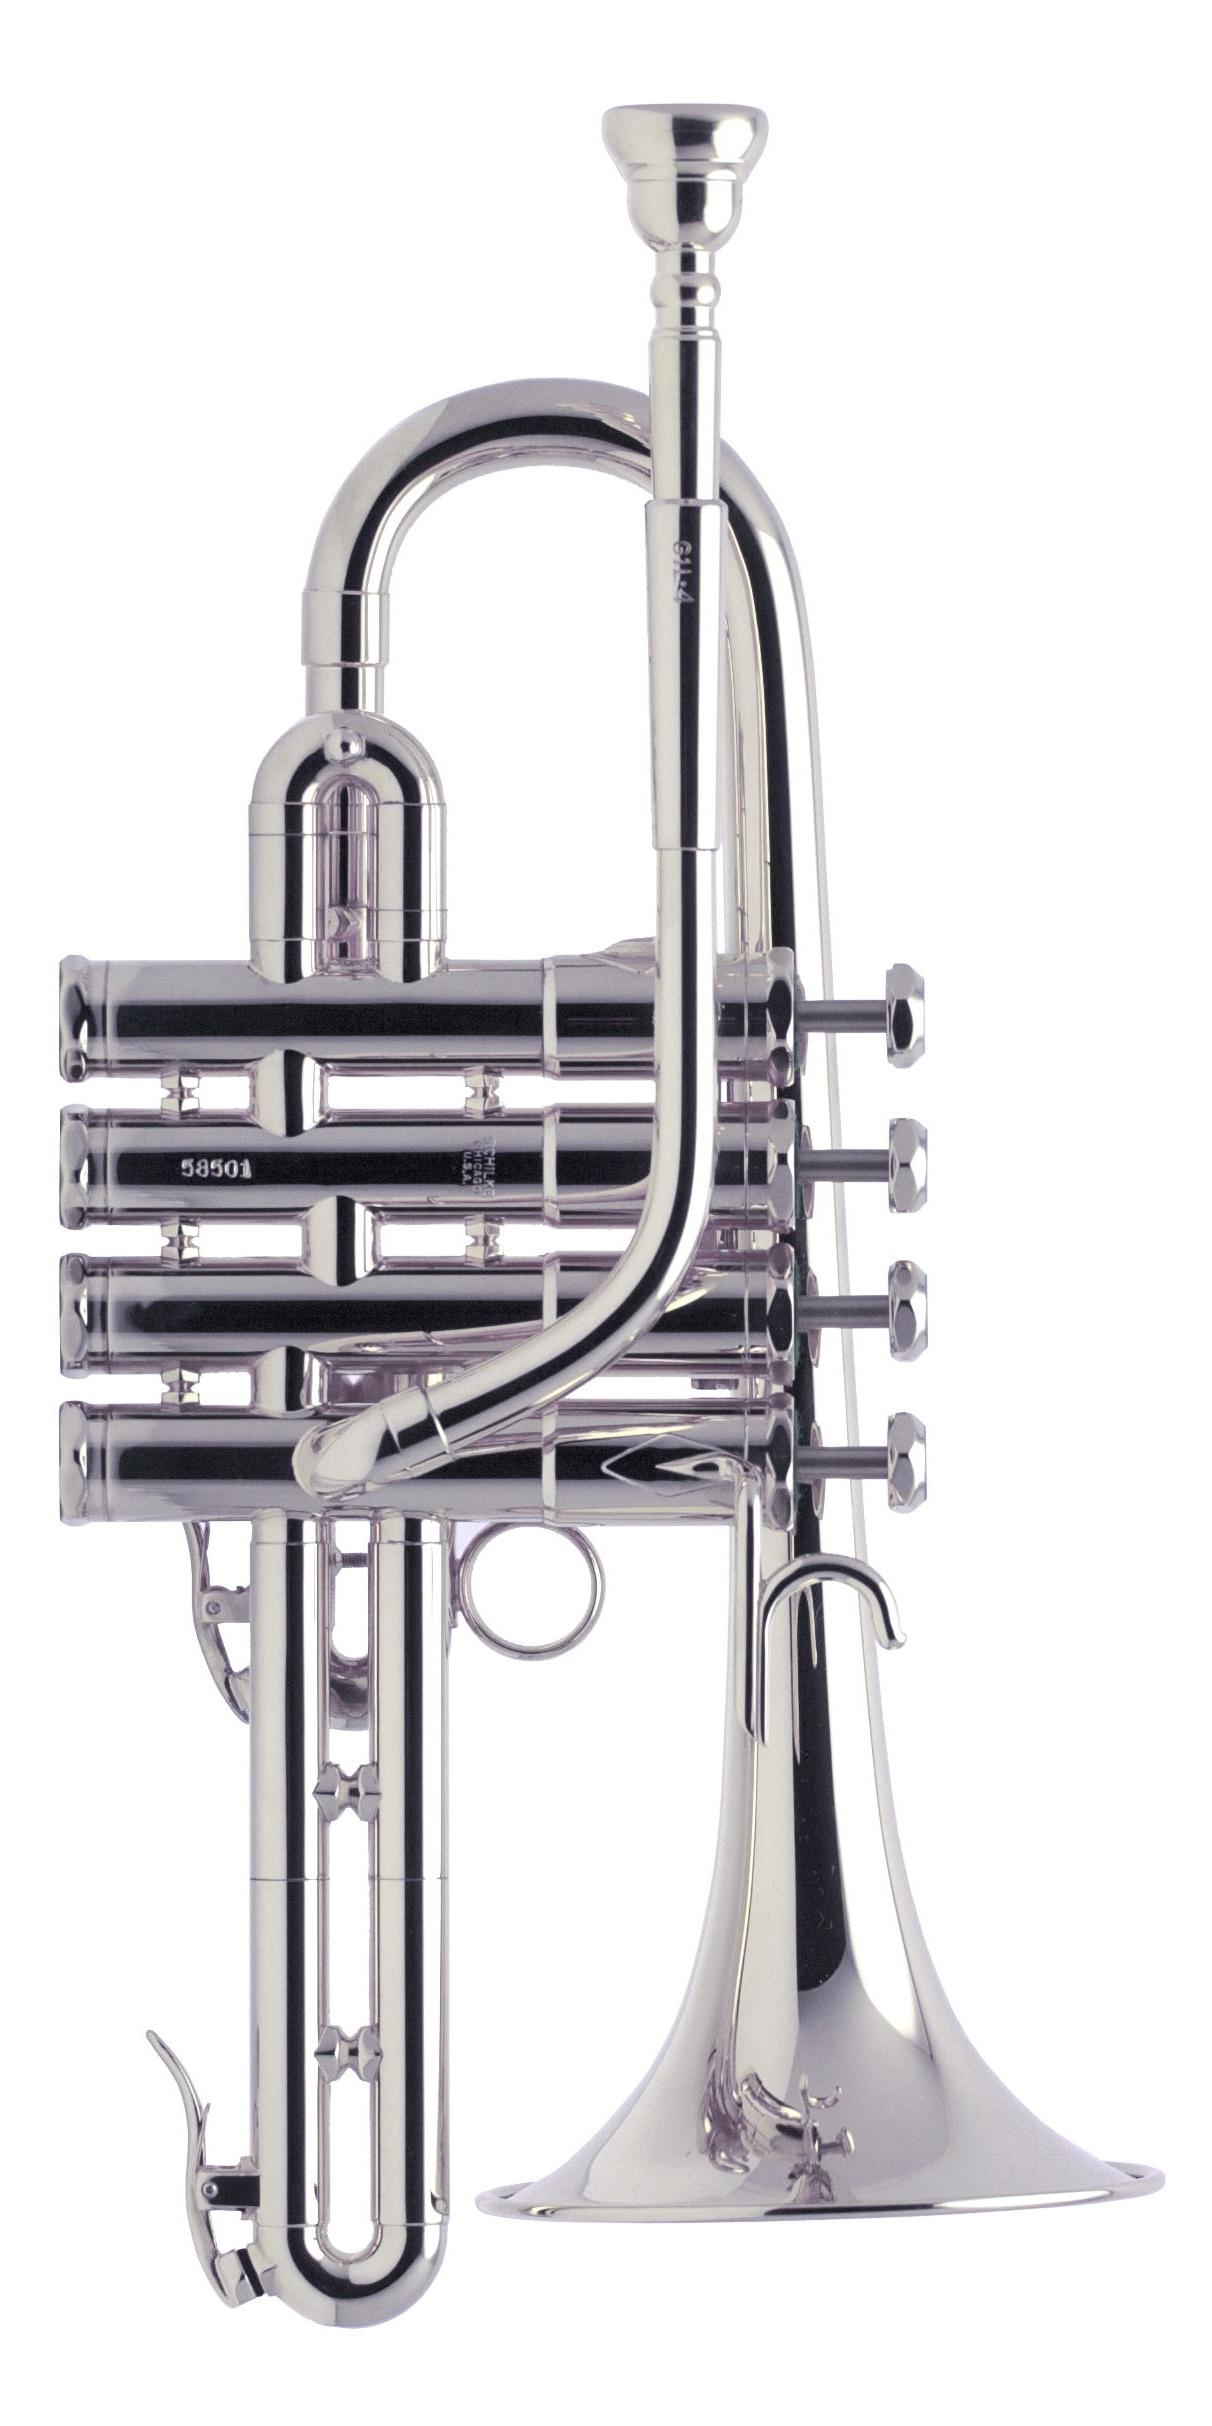 Schilke - G1L - 4 - Blechblasinstrumente - Trompeten mit Perinet-Ventilen | MUSIK BERTRAM Deutschland Freiburg